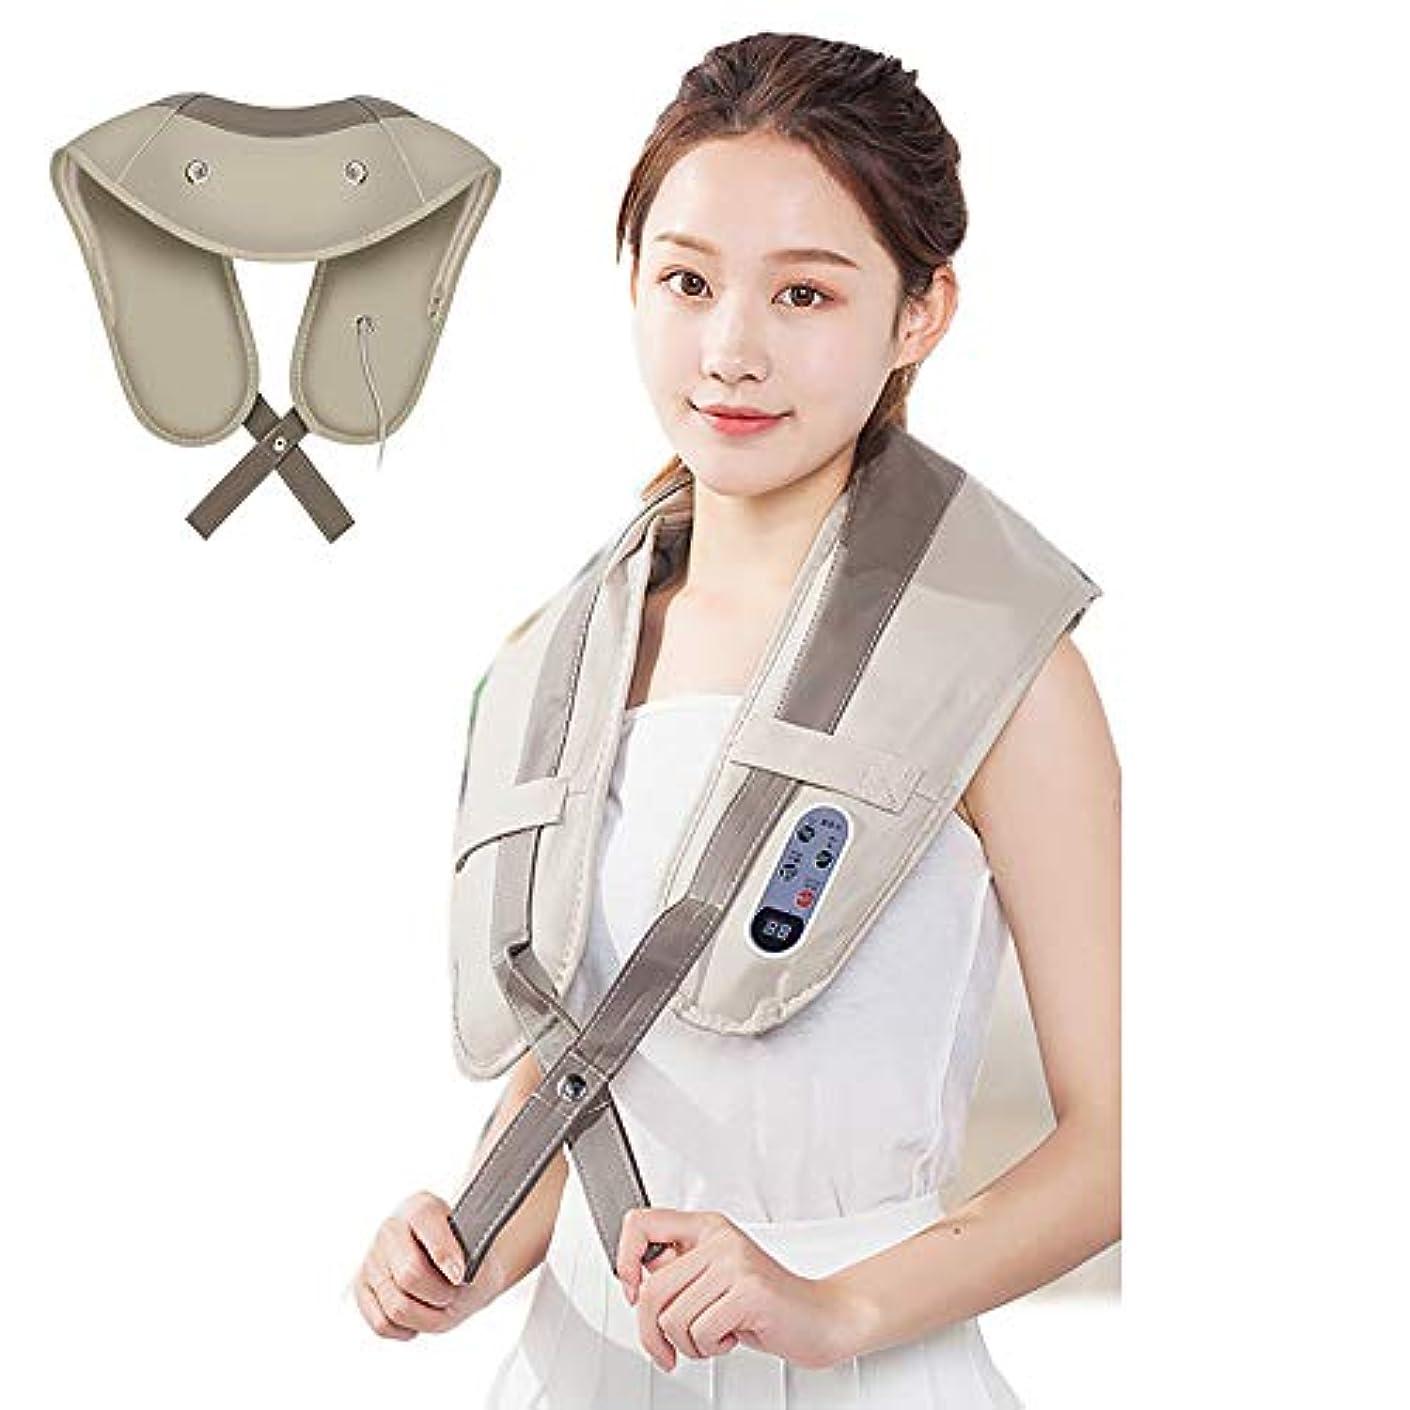 拮抗するテニス無意識背中の痛みを軽減するための頸椎ウエストマッサージャーショール-肩のマッサージでポータブルバンギングピローバックマッサージャーベルト-フルボディマッサージャー